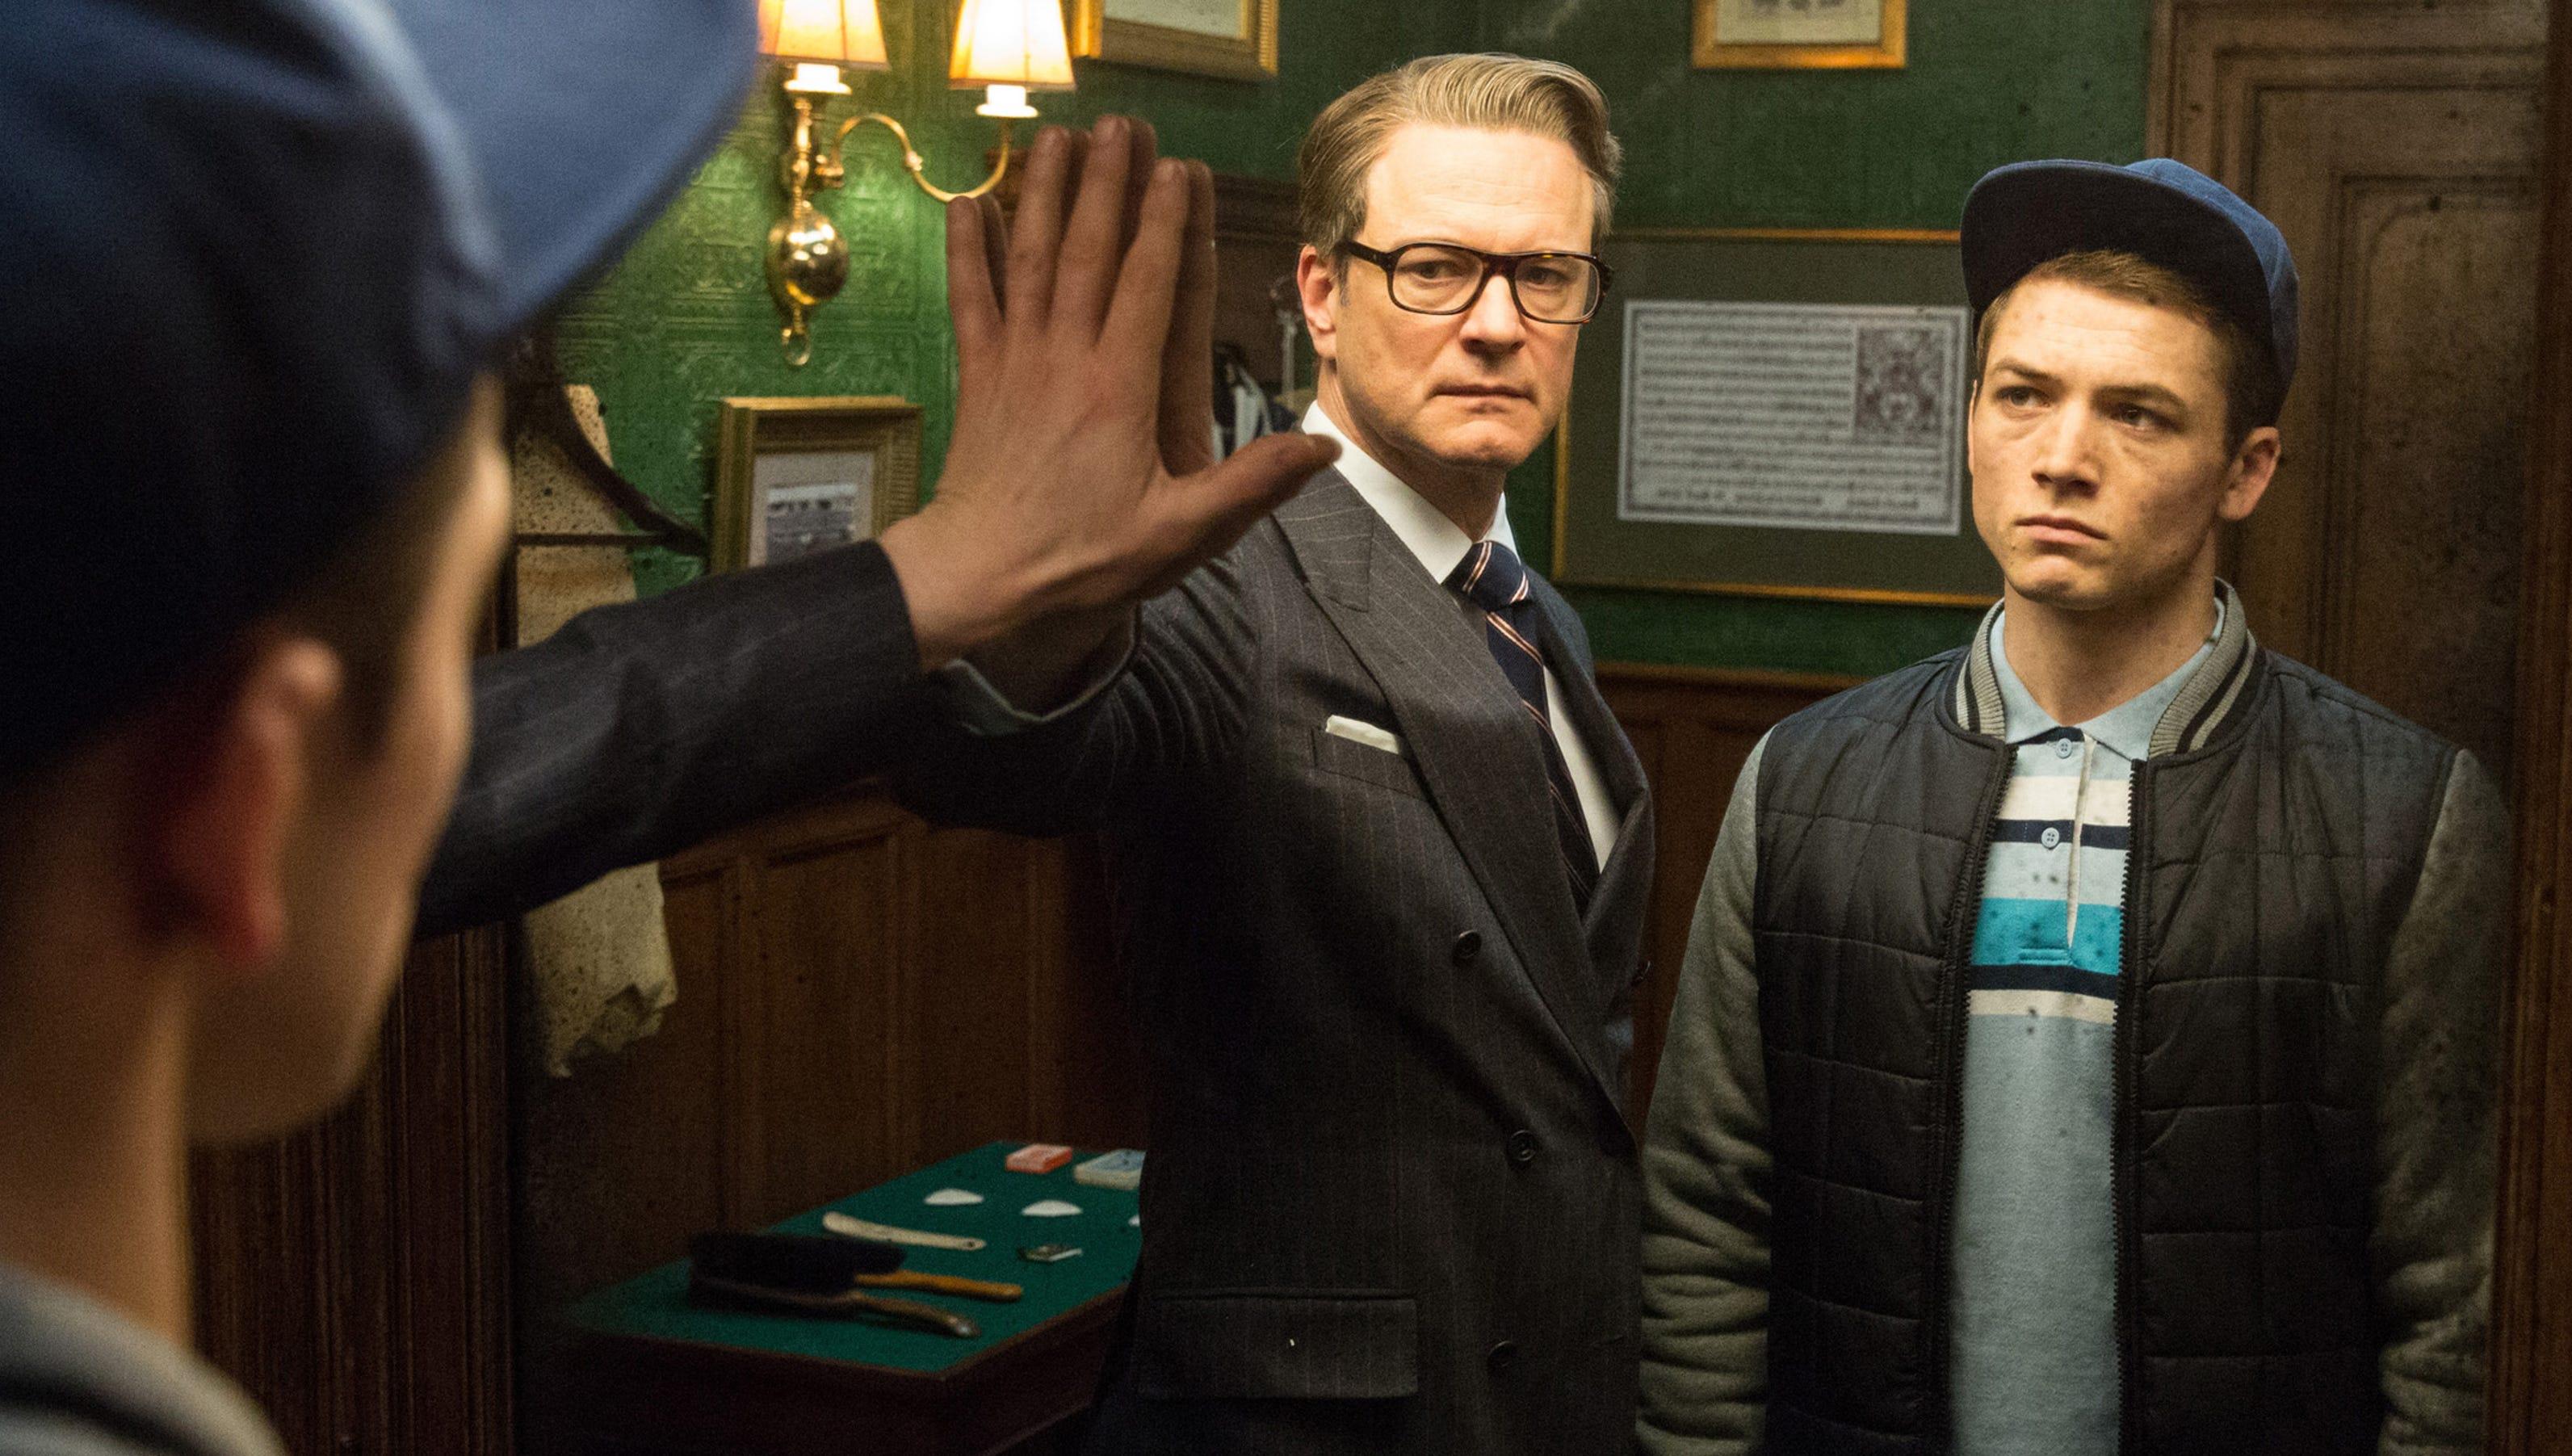 Kingsman The Secret Service Q A With: 'Kingsman' Cast Discuss Why Secret Agents Are British